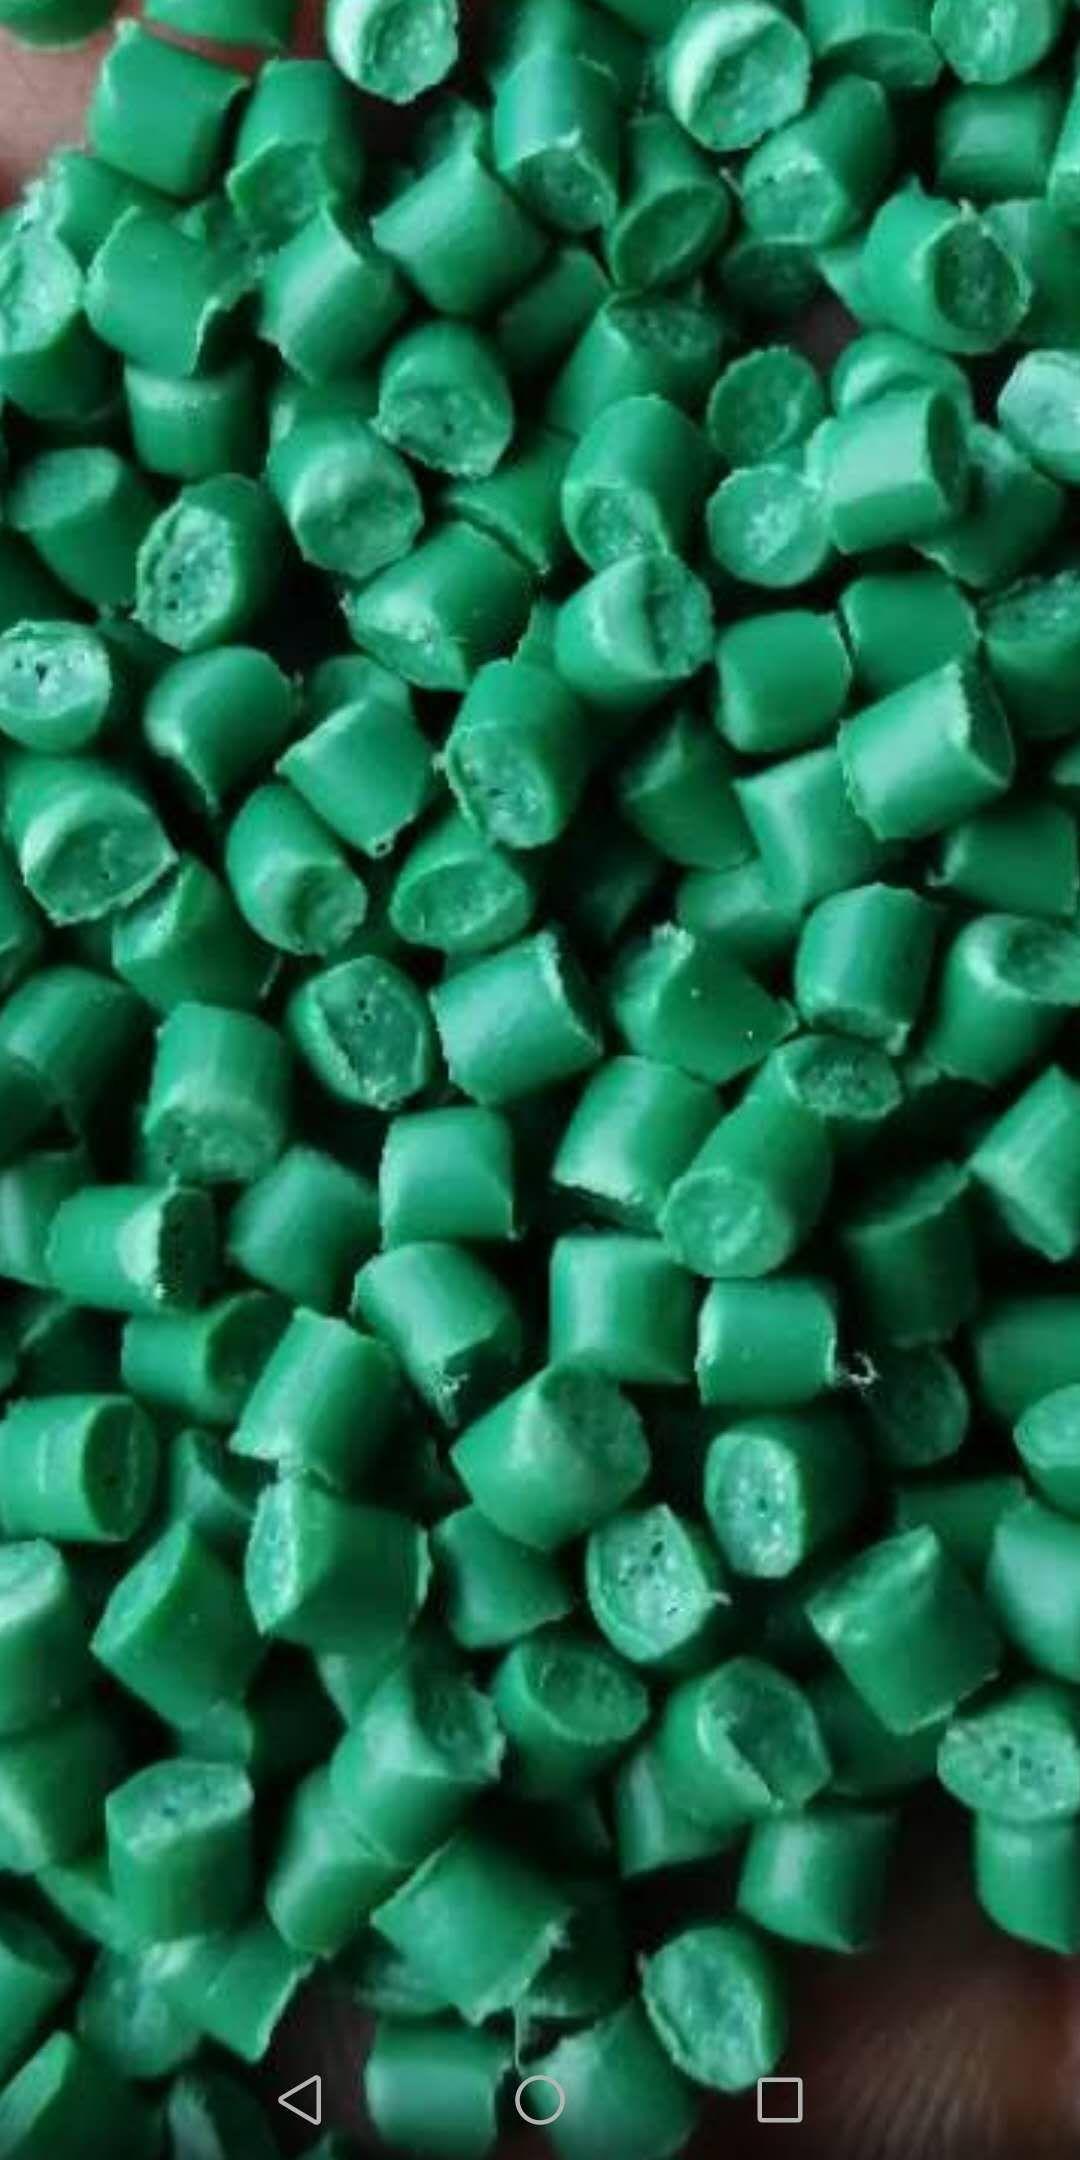 绿色pp工程聚丙颗粒,pp中空板颗粒,pp再生颗粒,pp再生料示例图1